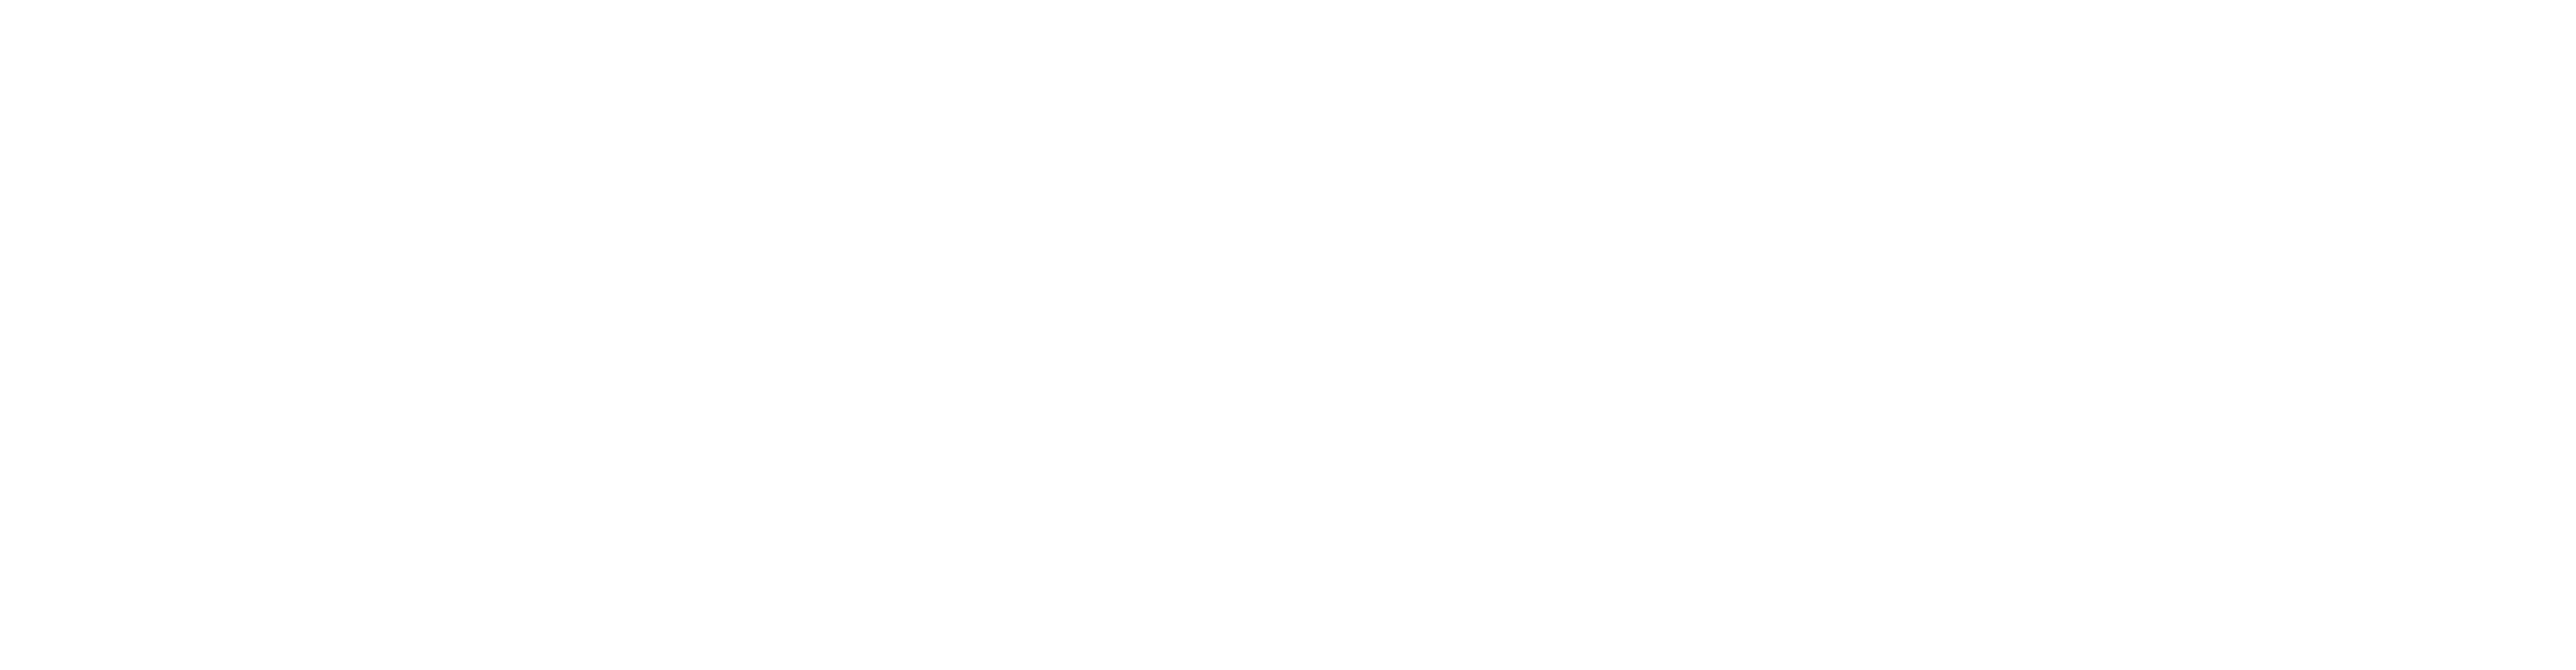 Dr. Oldhaver Blog